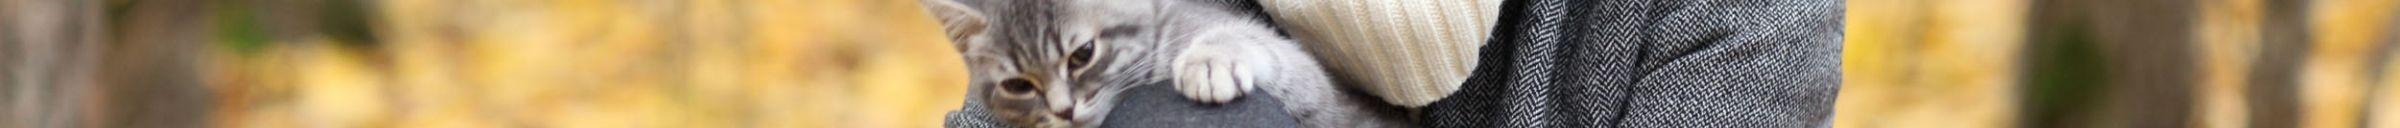 kintone ポータル スペース カバー画像(猫シリーズ)134